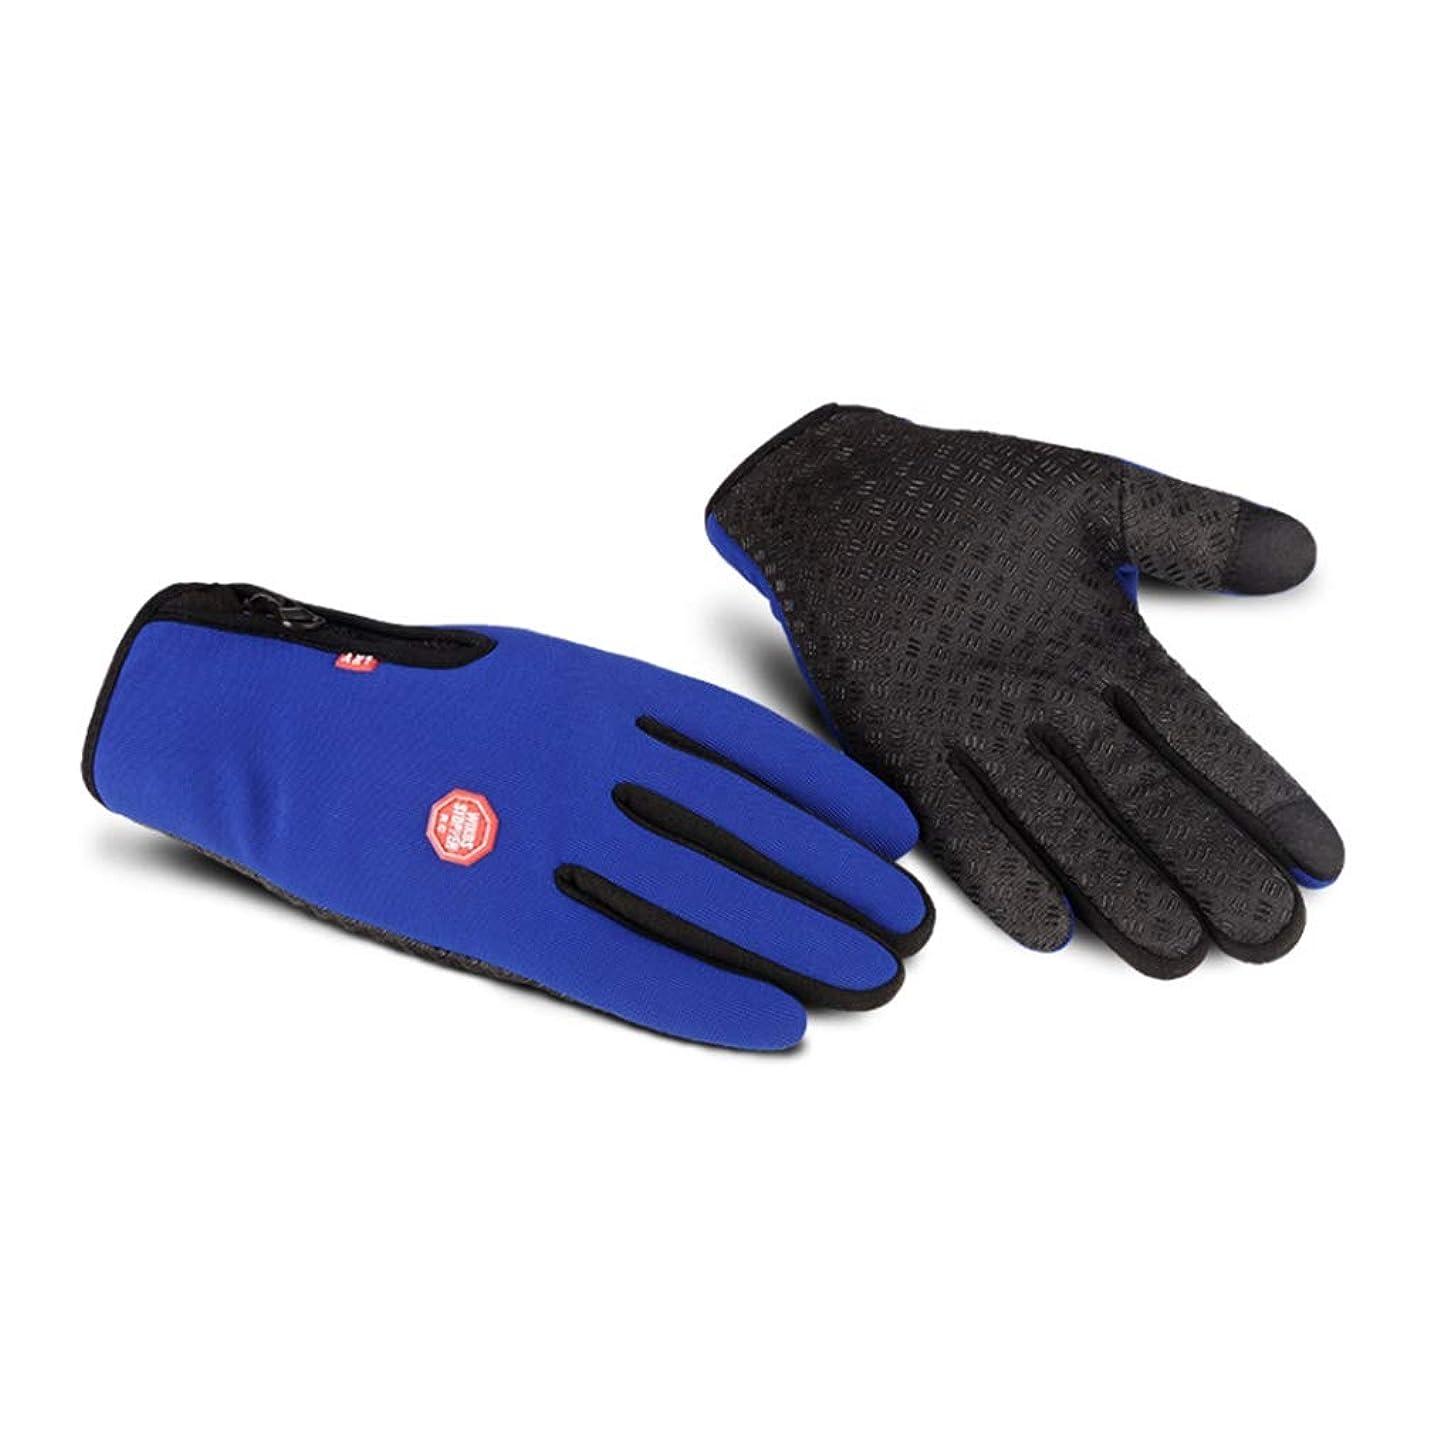 羨望鳴り響くピクニックをする手袋の男性の秋と冬の自転車電動バイクの女性のタッチスクリーンはすべて防風ノンスリップ暖かい冬のコールドプラスベルベット弾性手袋を意味する (色 : 青)